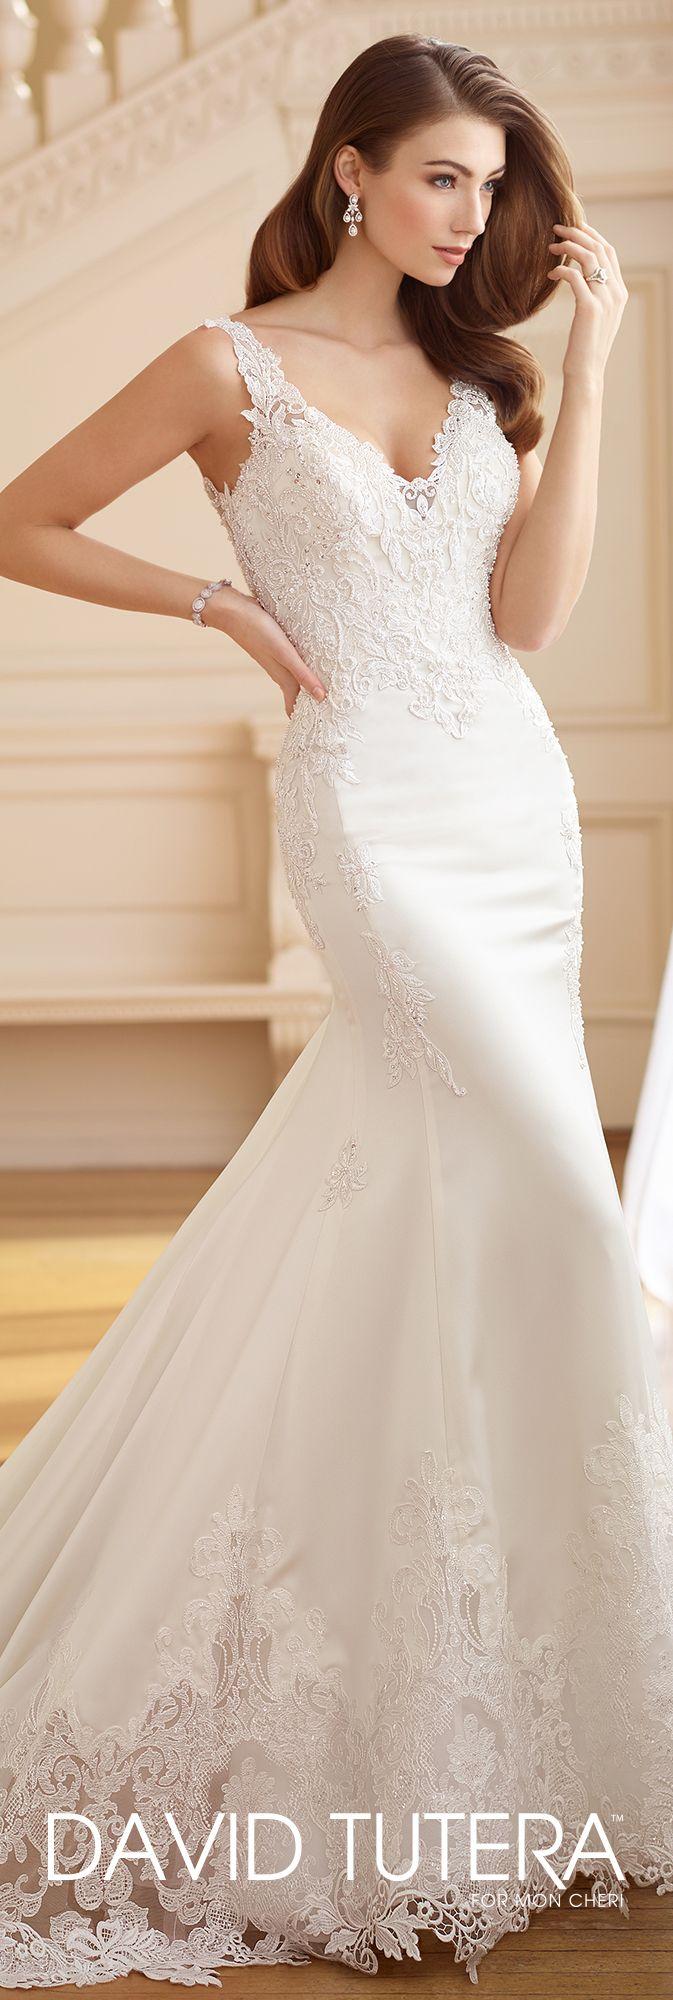 83 besten Mon Cheri Bridal Bilder auf Pinterest | Hochzeitskleider ...